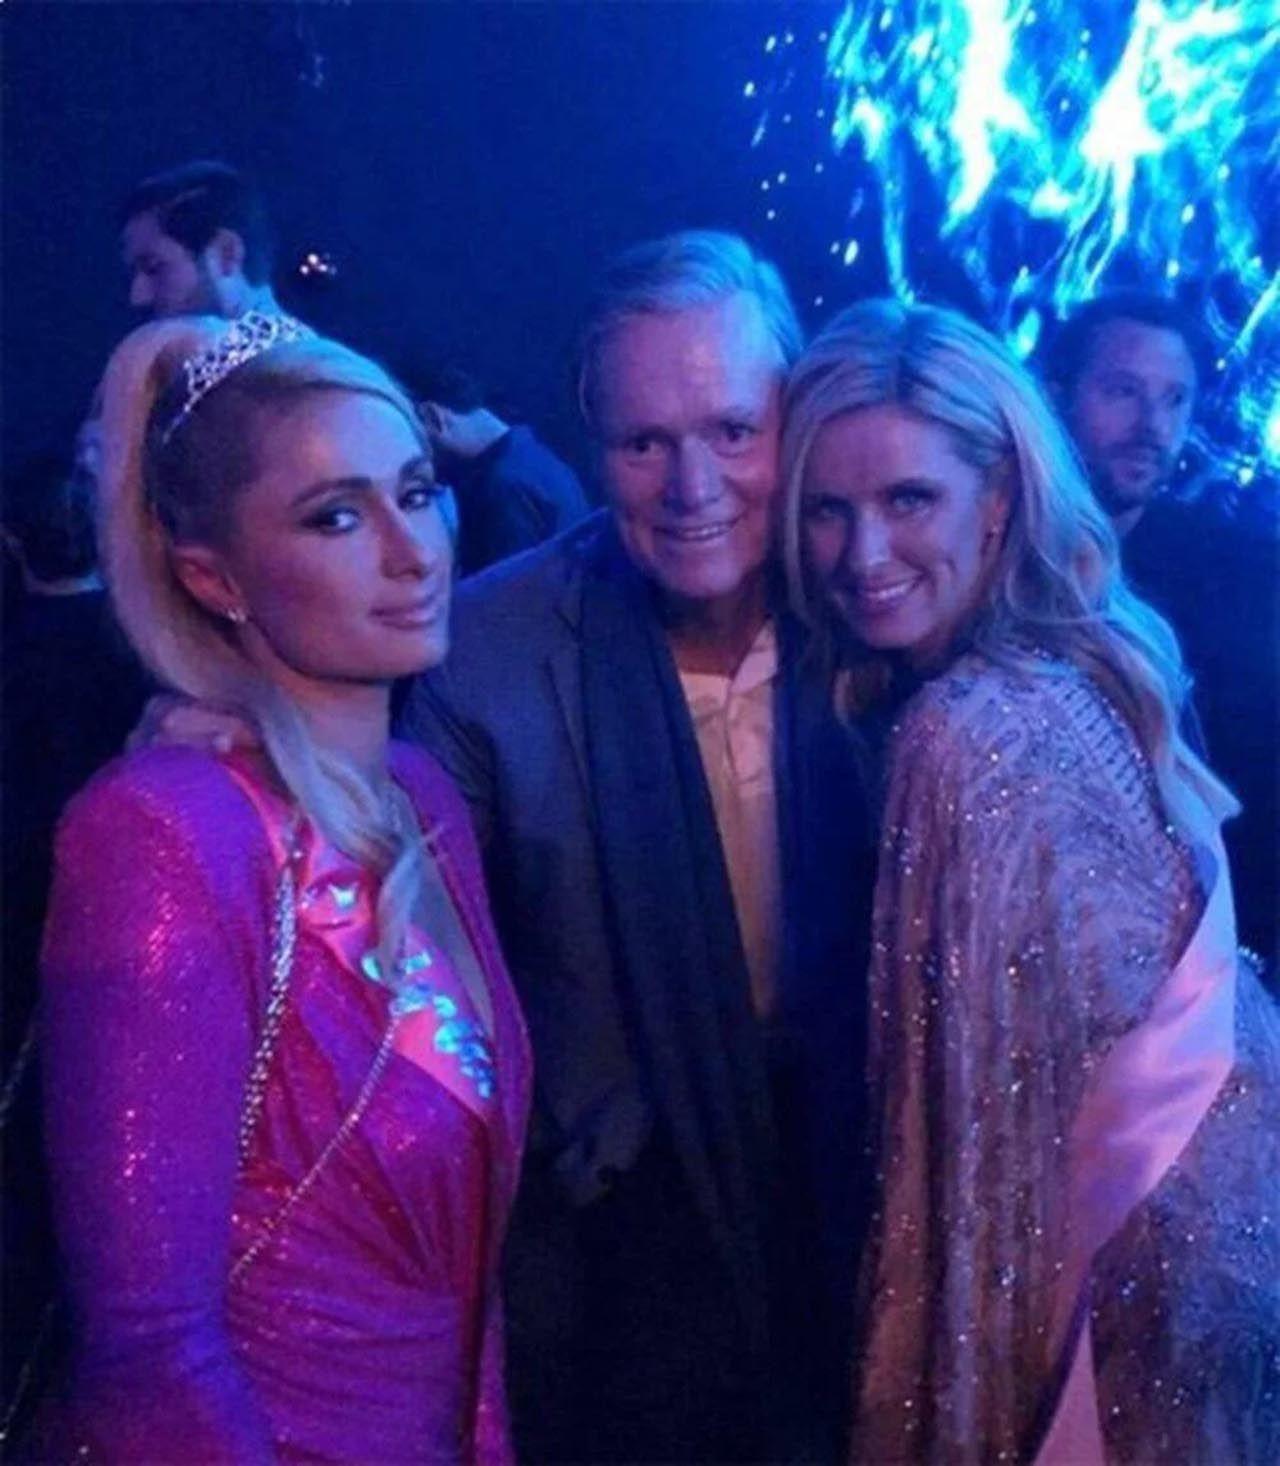 Paris Hilton'un bekarlığa veda partisi bitmek bilmiyor - Resim: 4